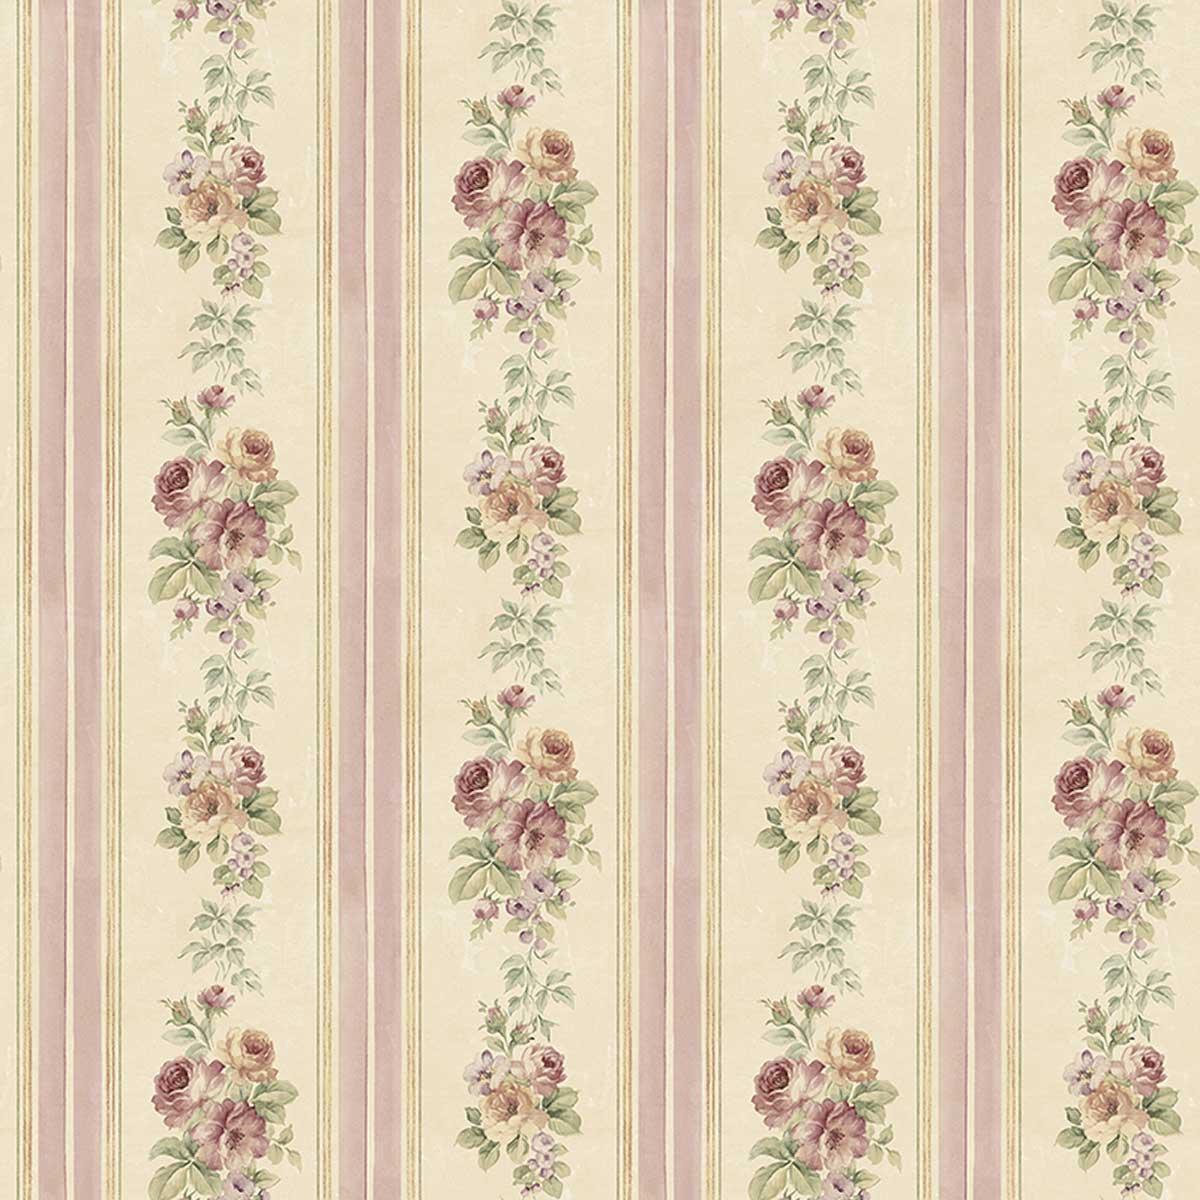 Papier peint LUTECE rayures et fleurs - Rose - 10 m x 0,53 m